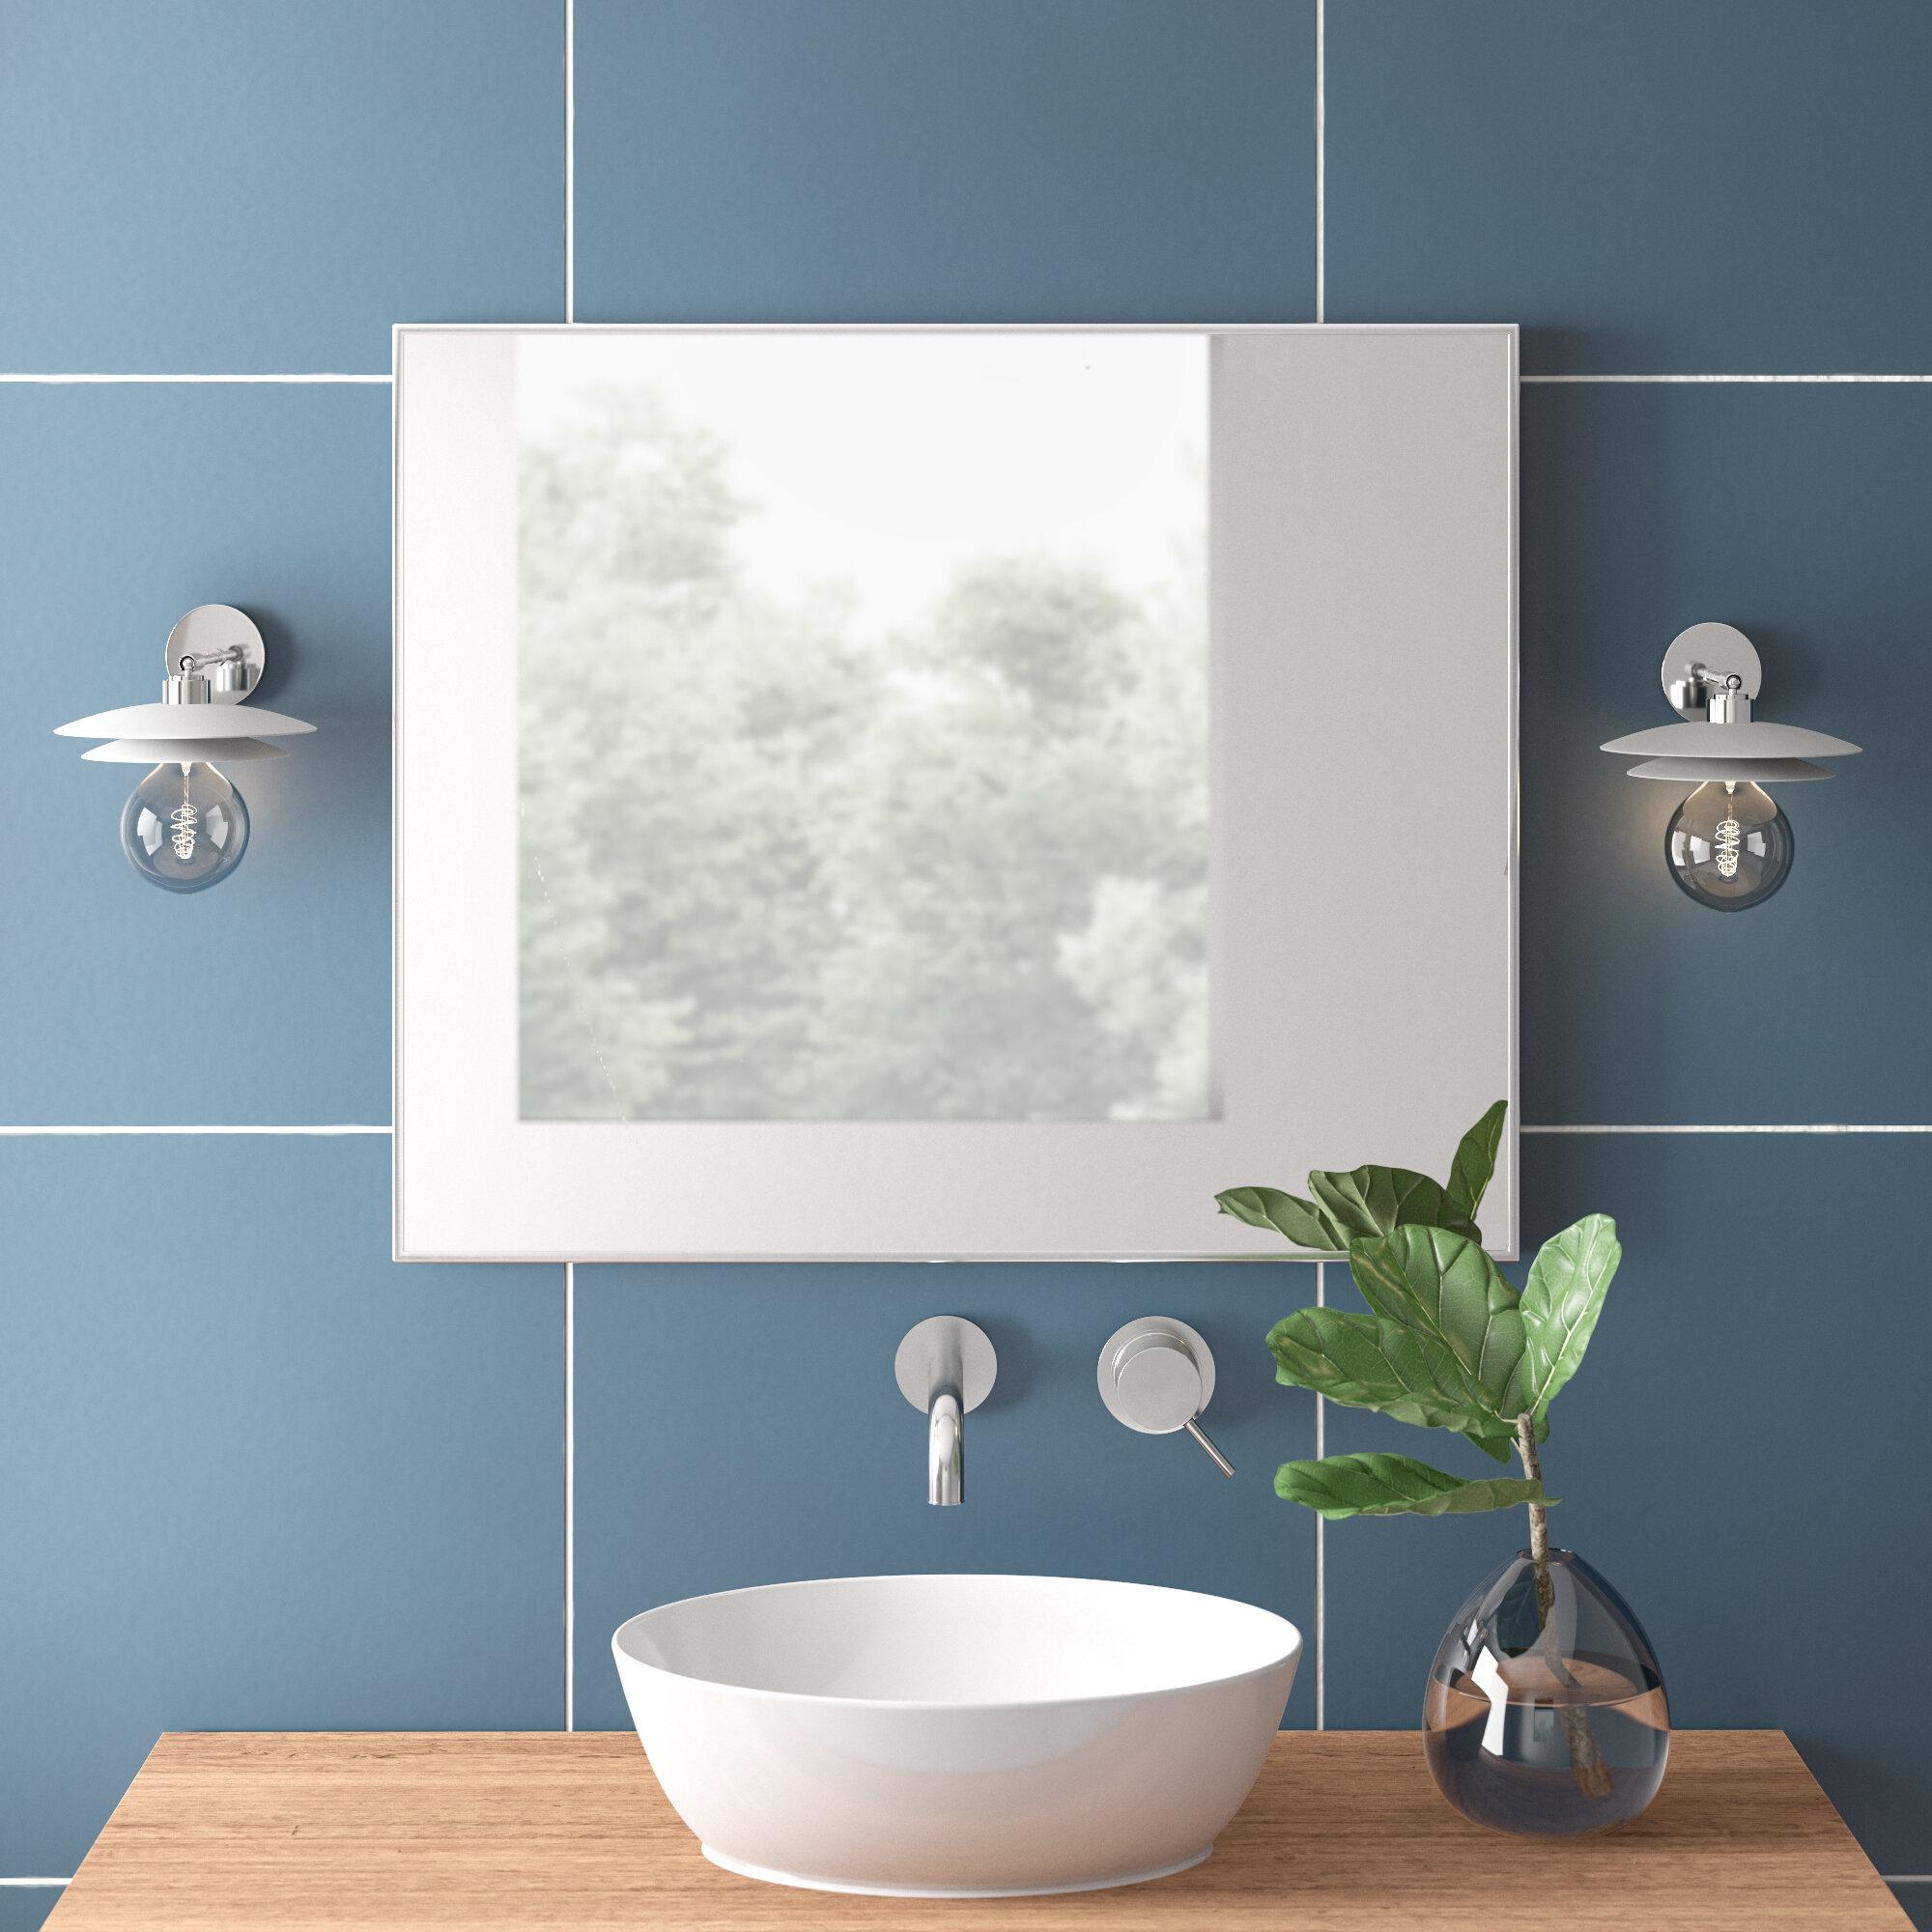 Newland Wall Mirror